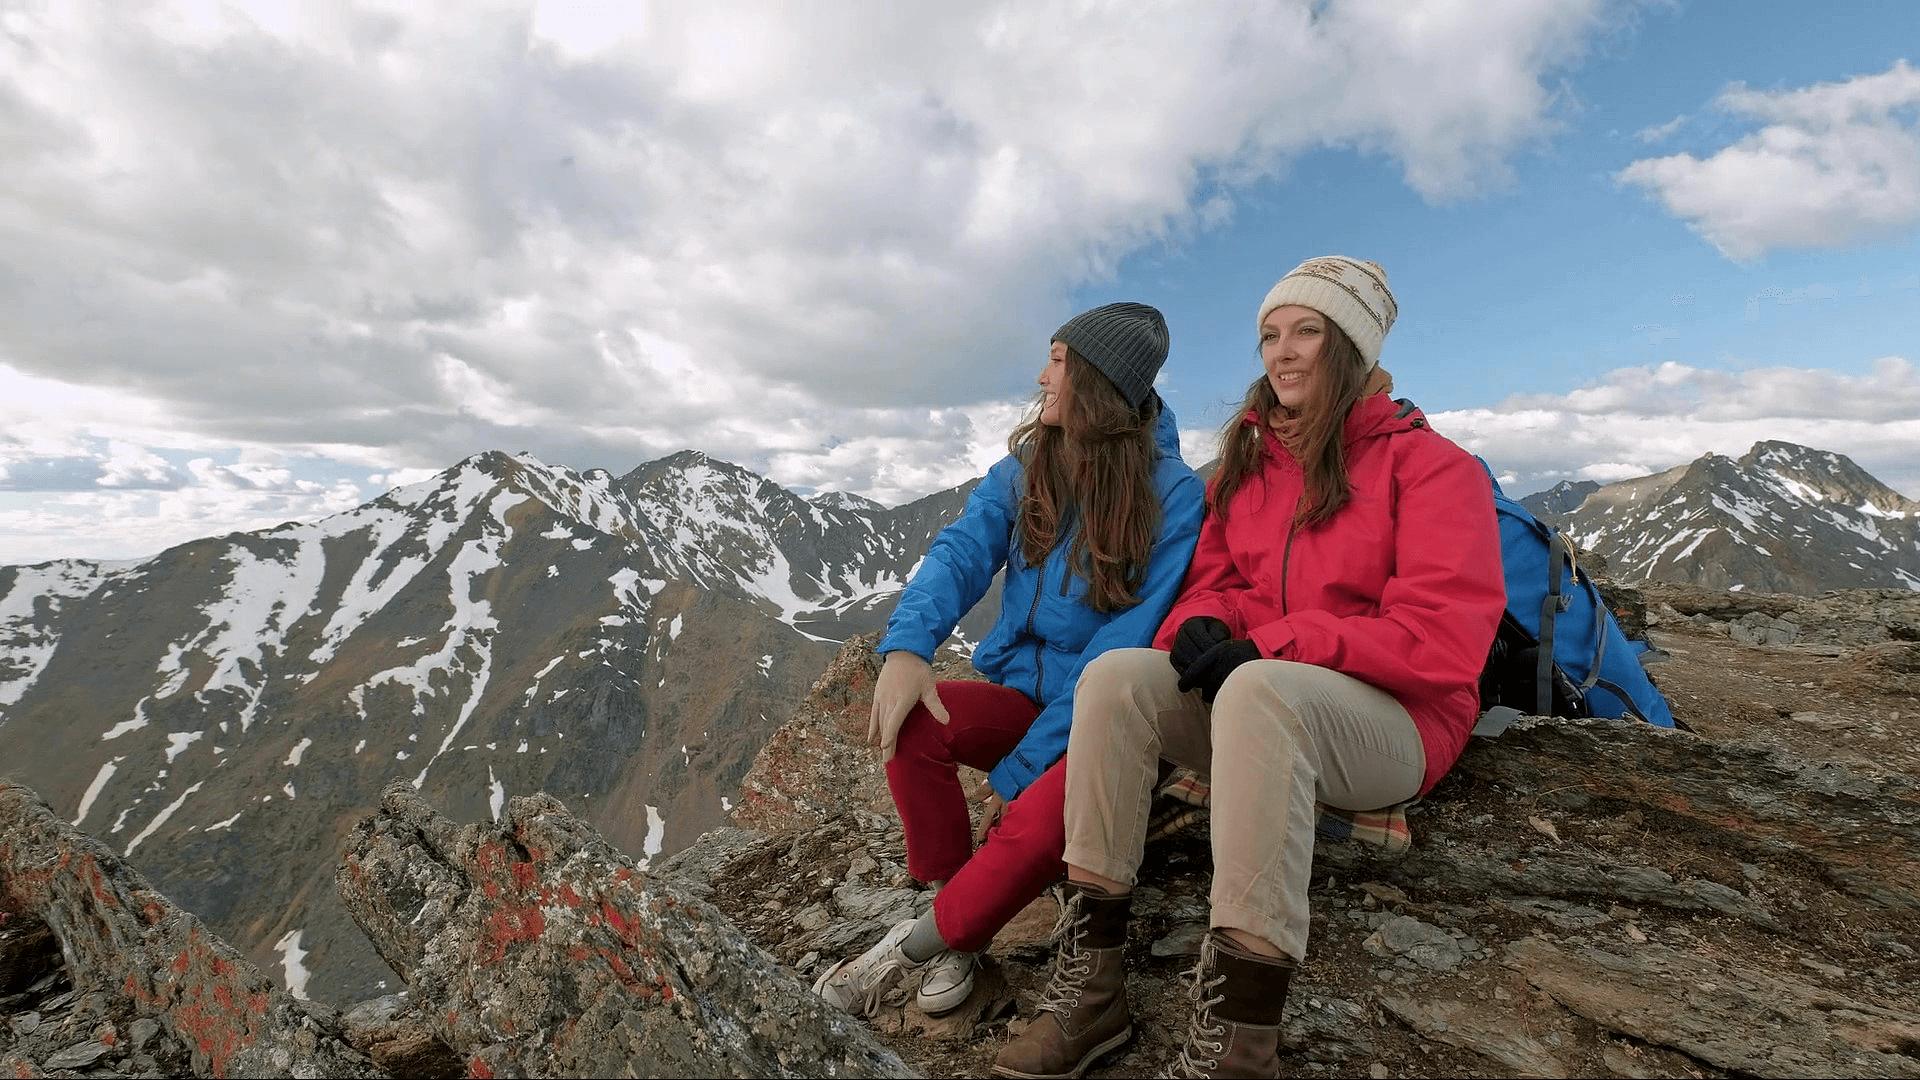 Wander app - Find your ideal travel partner